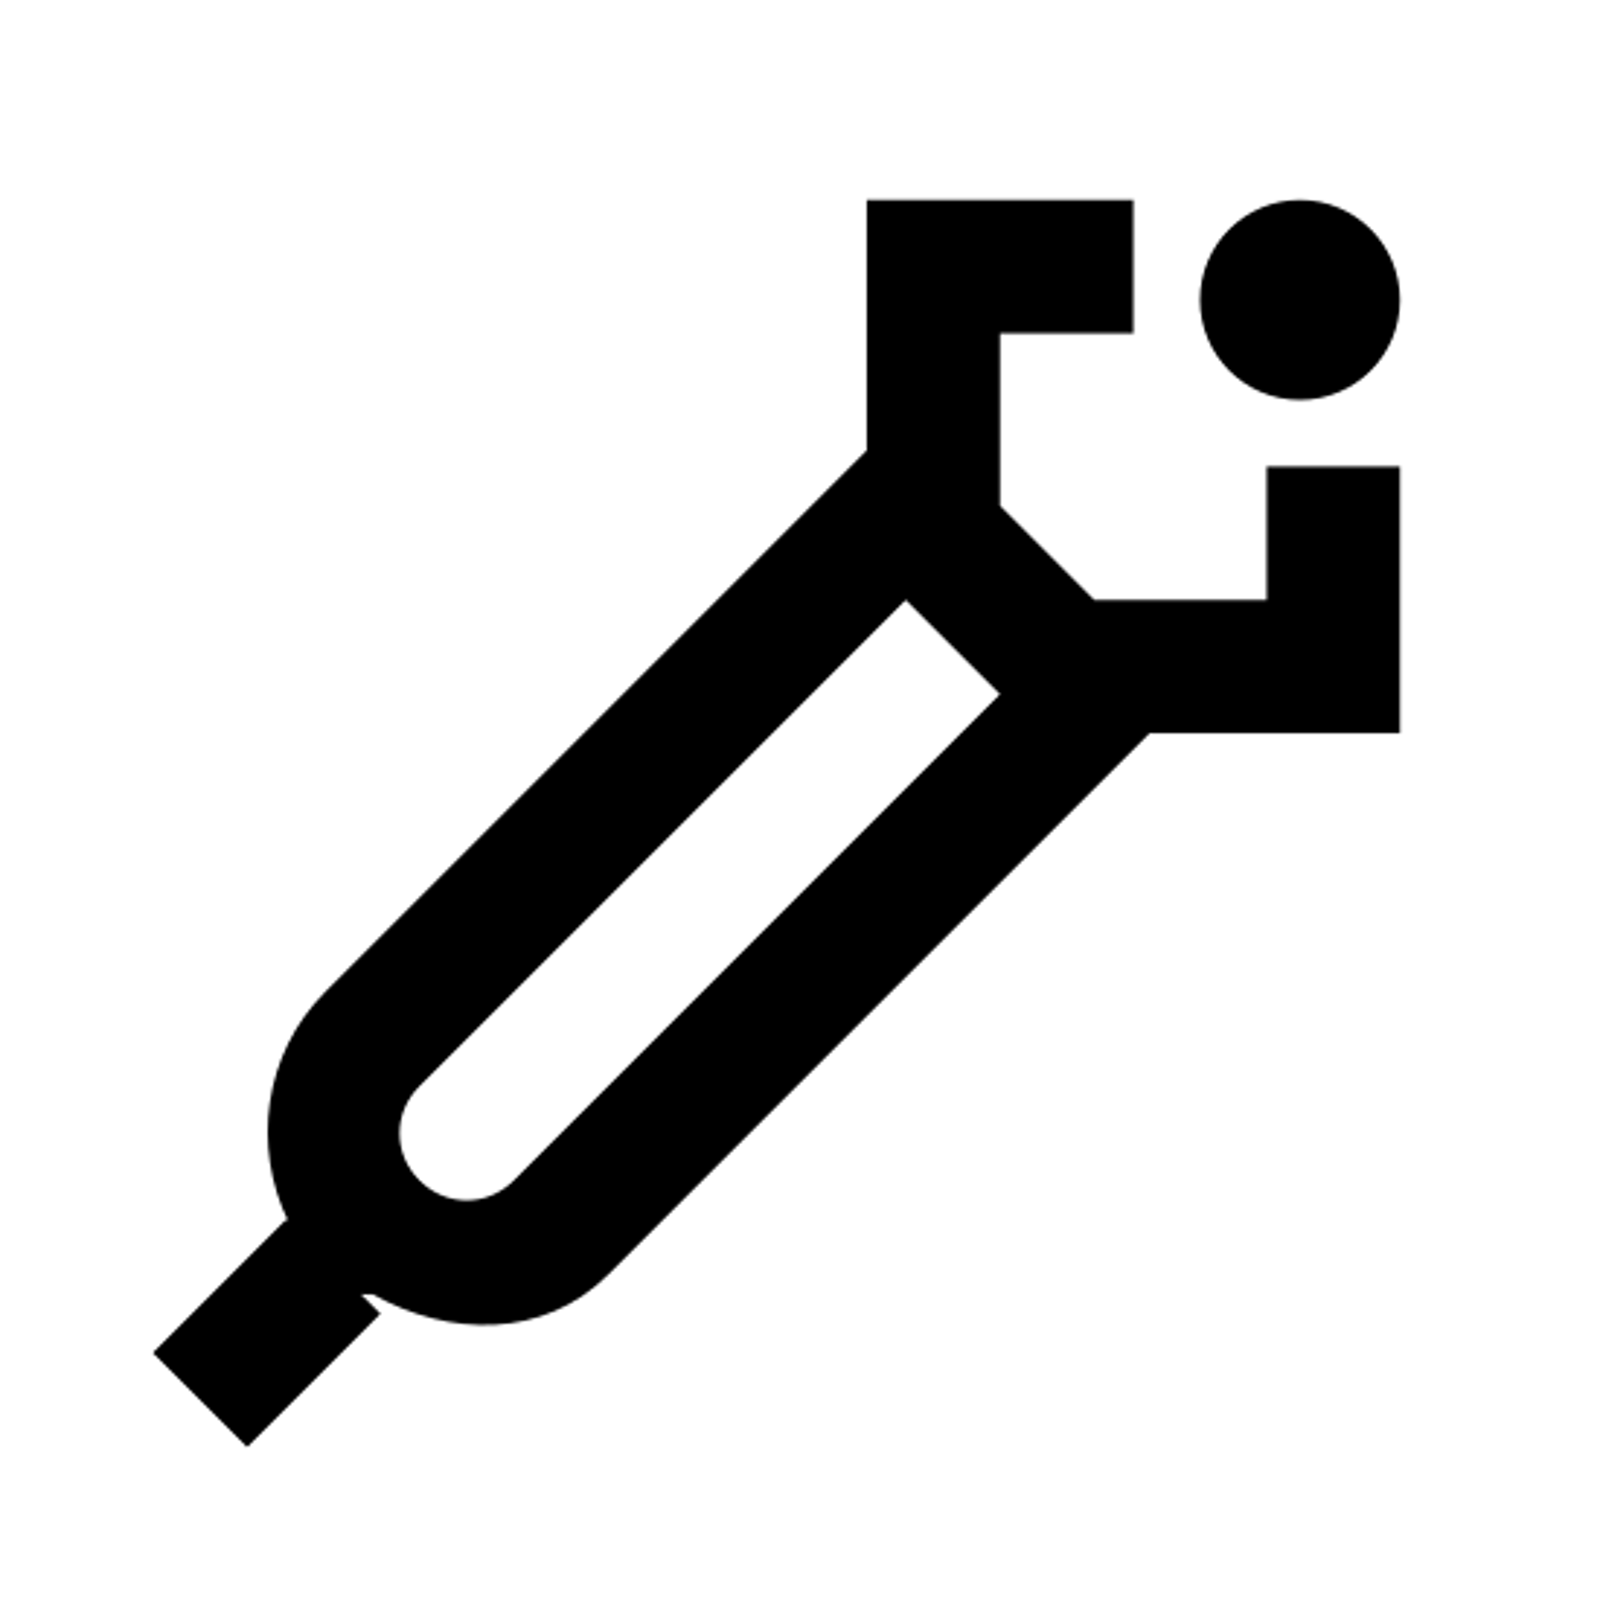 Sonic Screwdriver icon